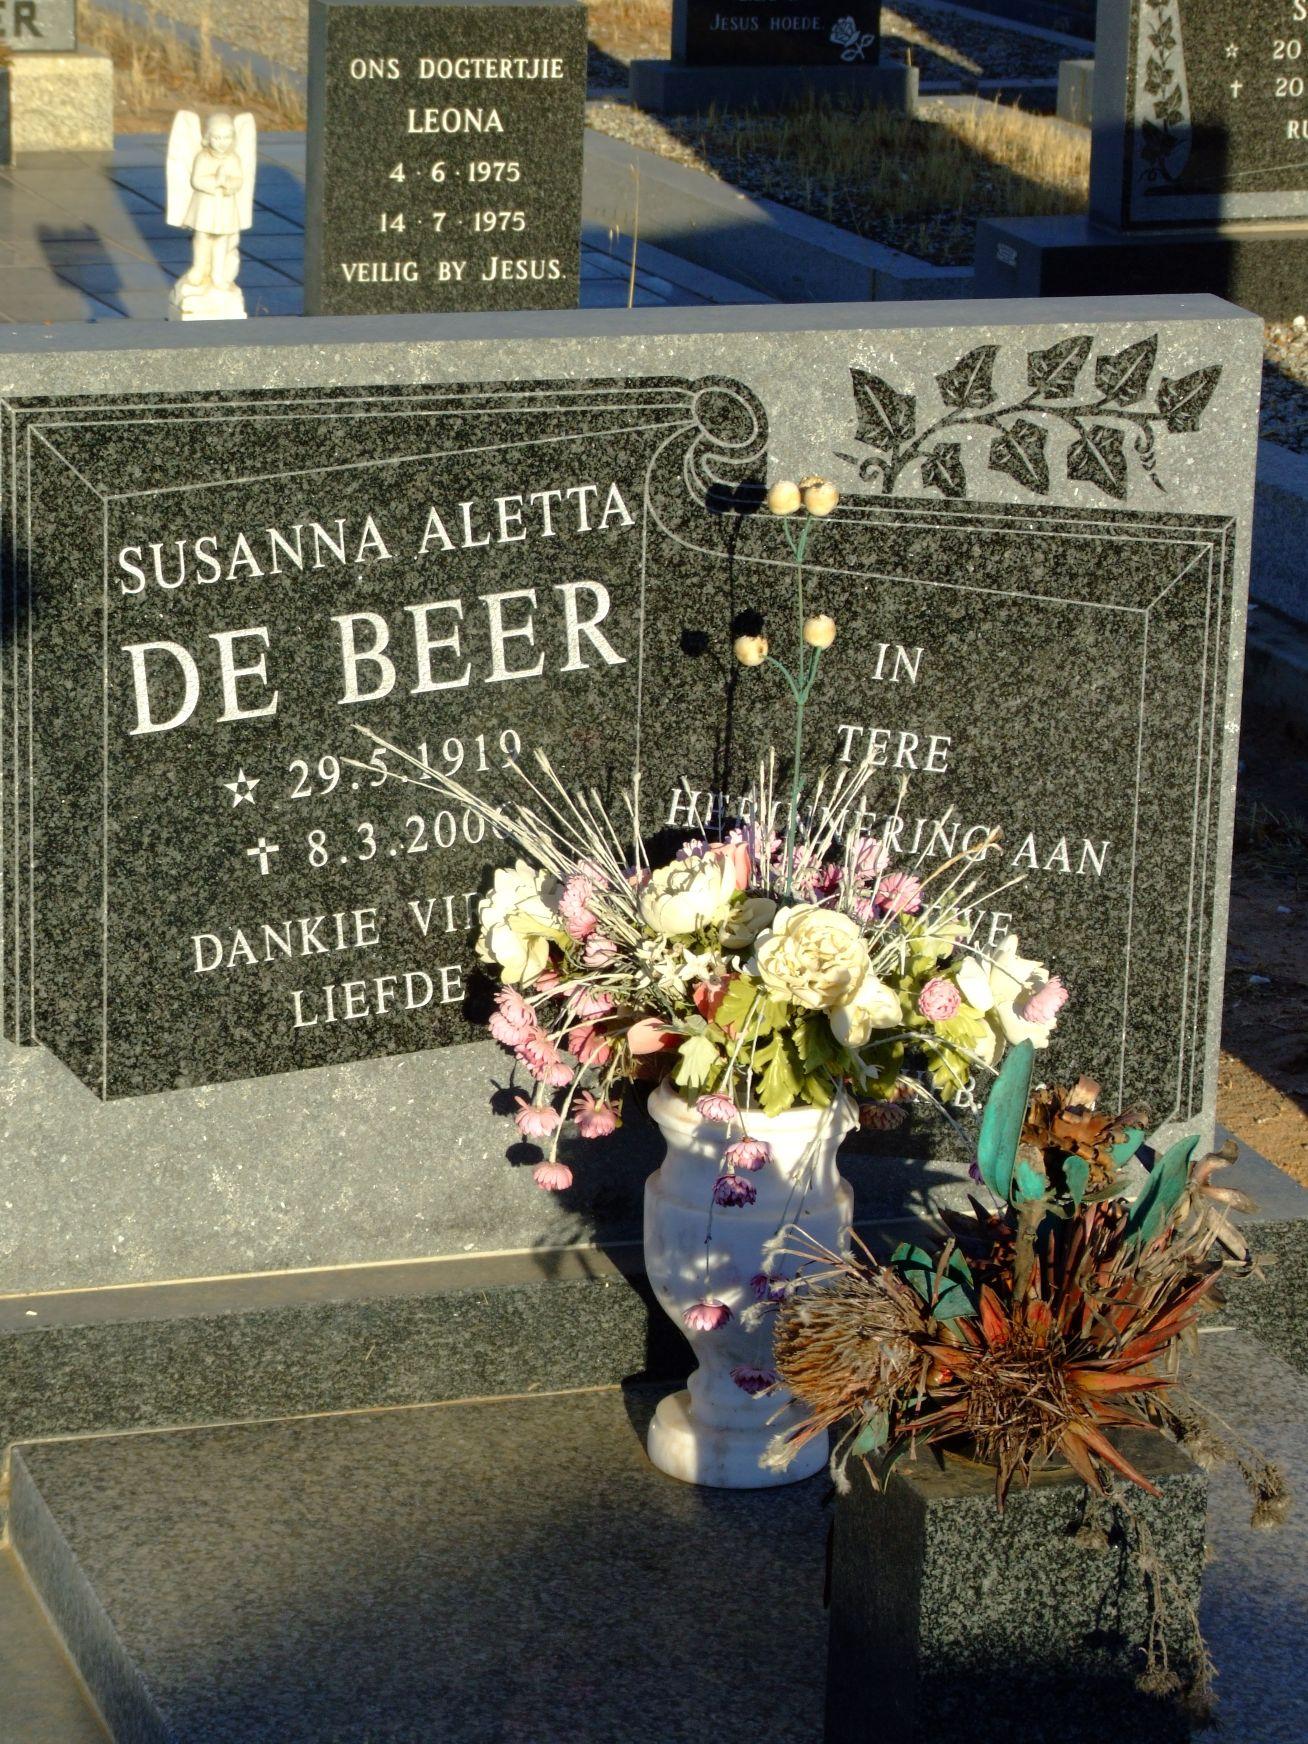 De Beer, Susanna Aletta